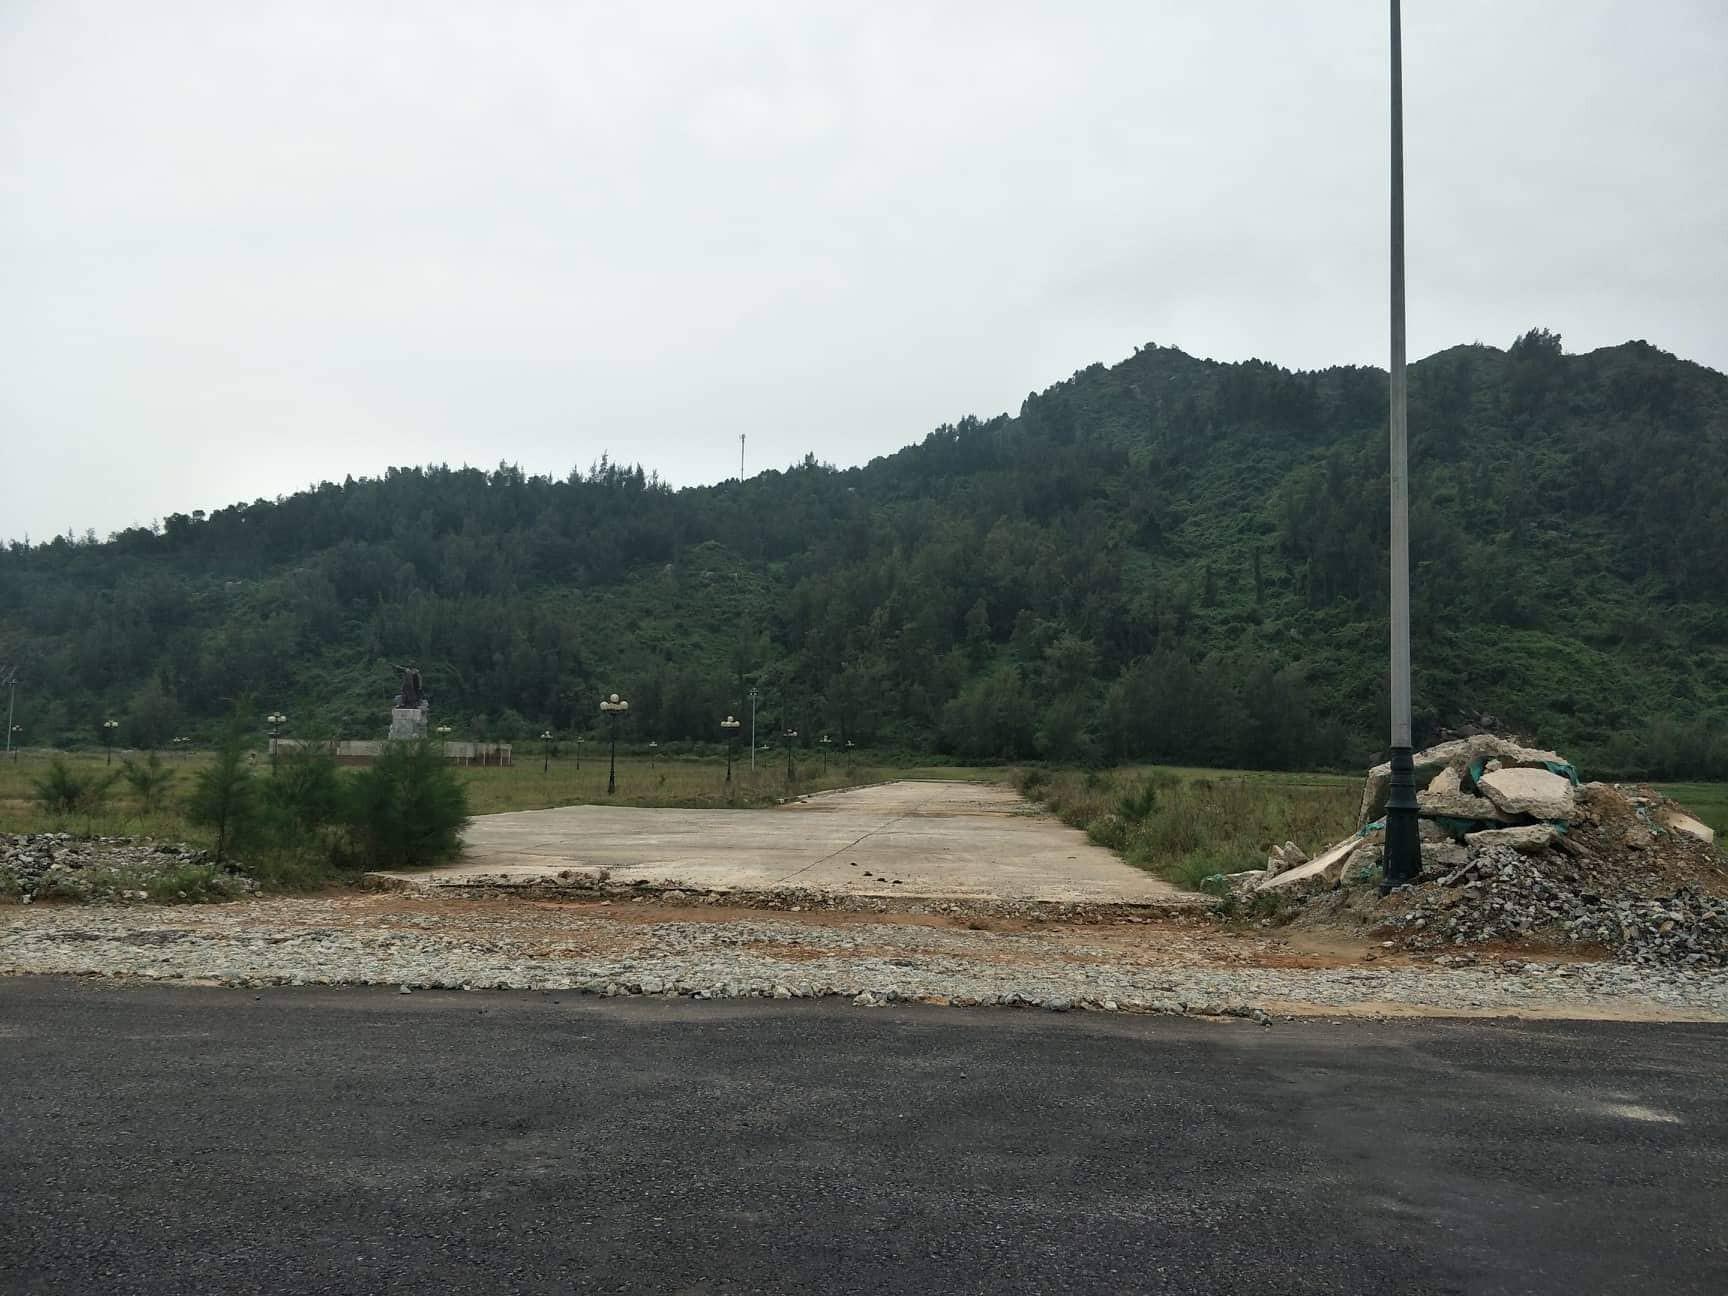 Hà Tĩnh: Dự án quảng trường dở dang, gây lãng phí hàng chục tỷ đồng